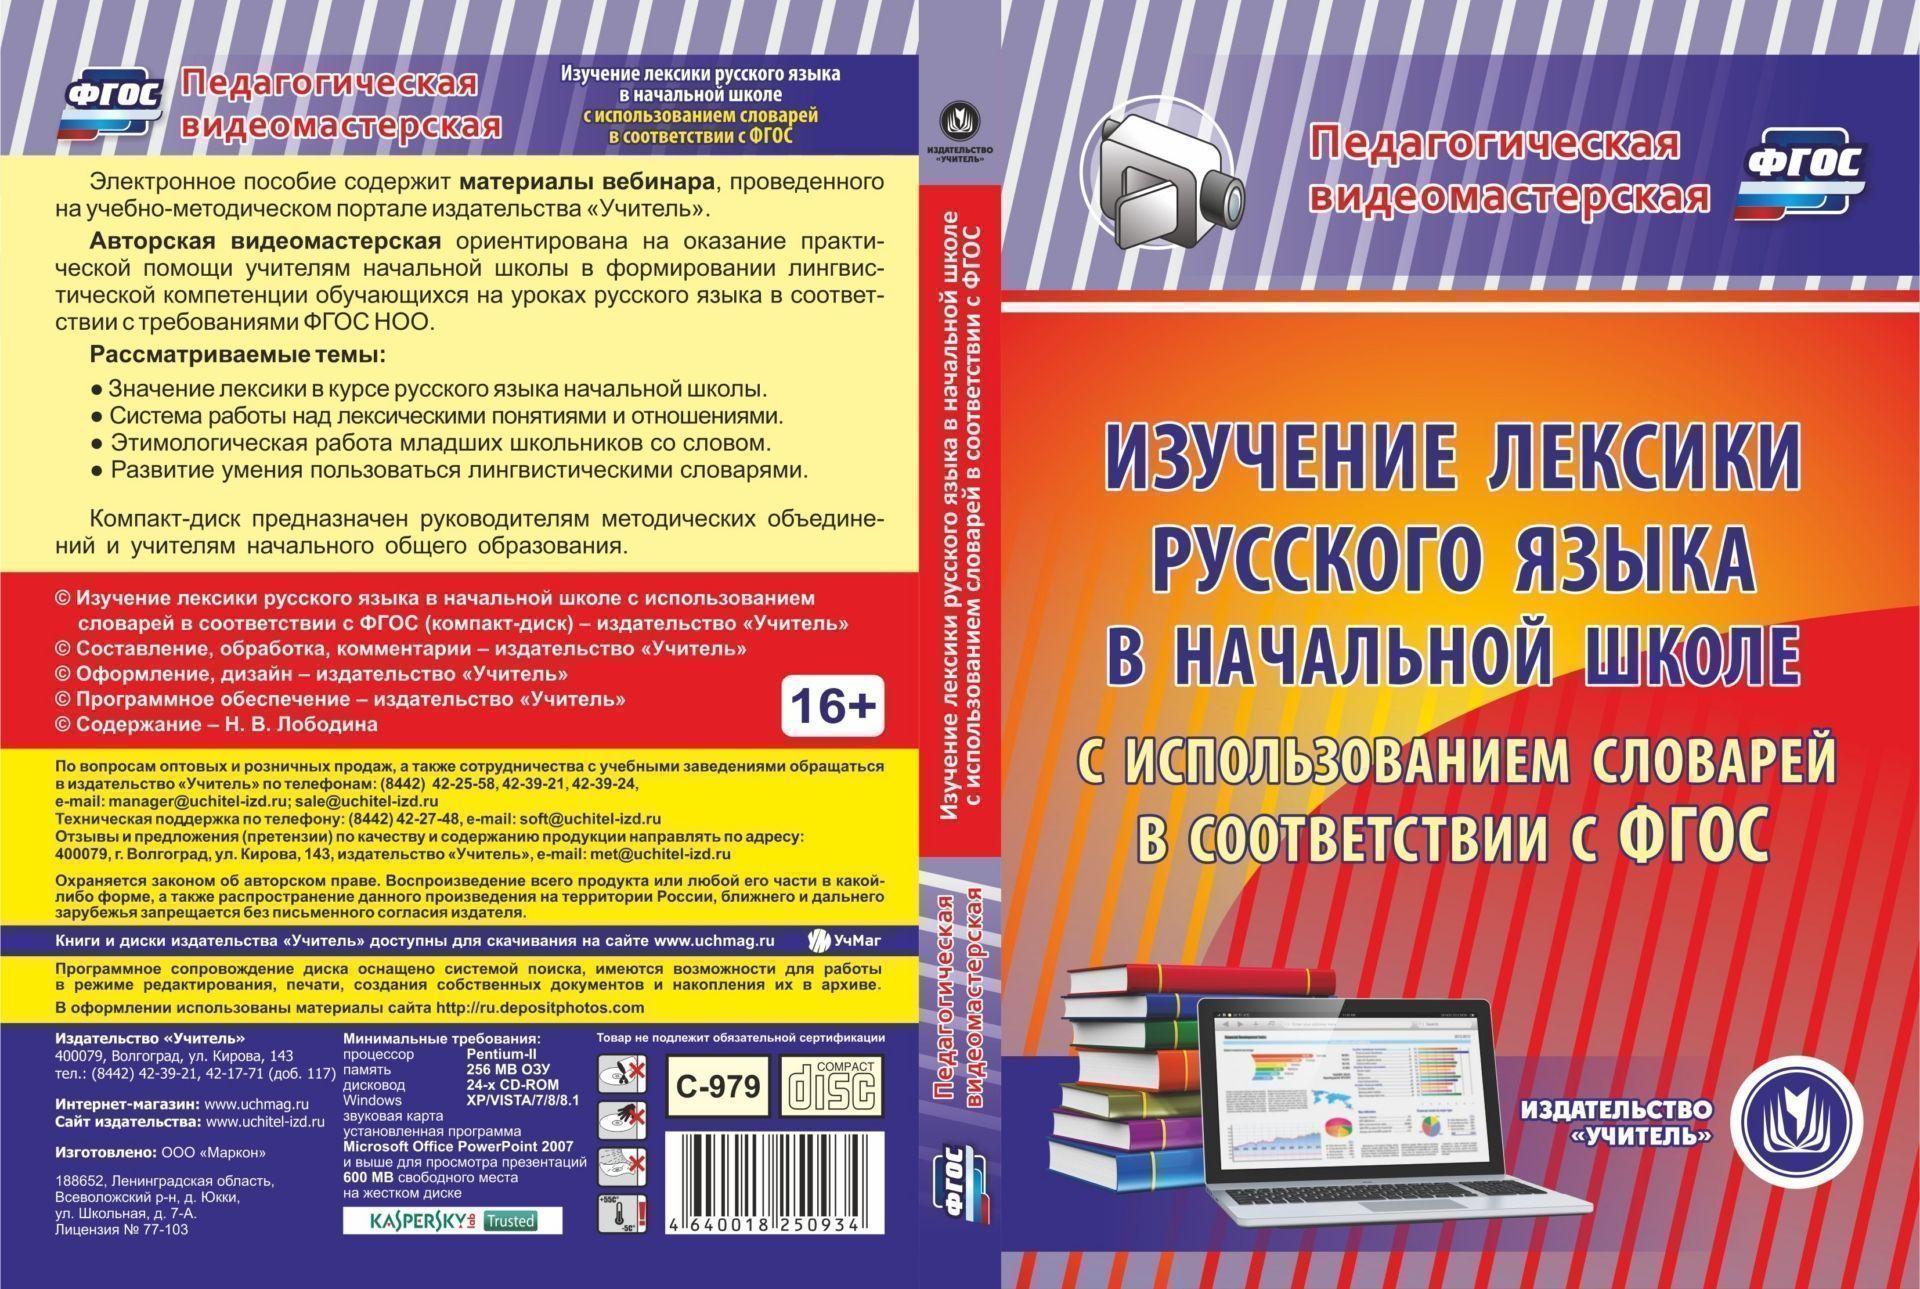 Купить со скидкой Изучение лексики русского языка в начальной школе с использованием словарей в соответствии с ФГОС. К